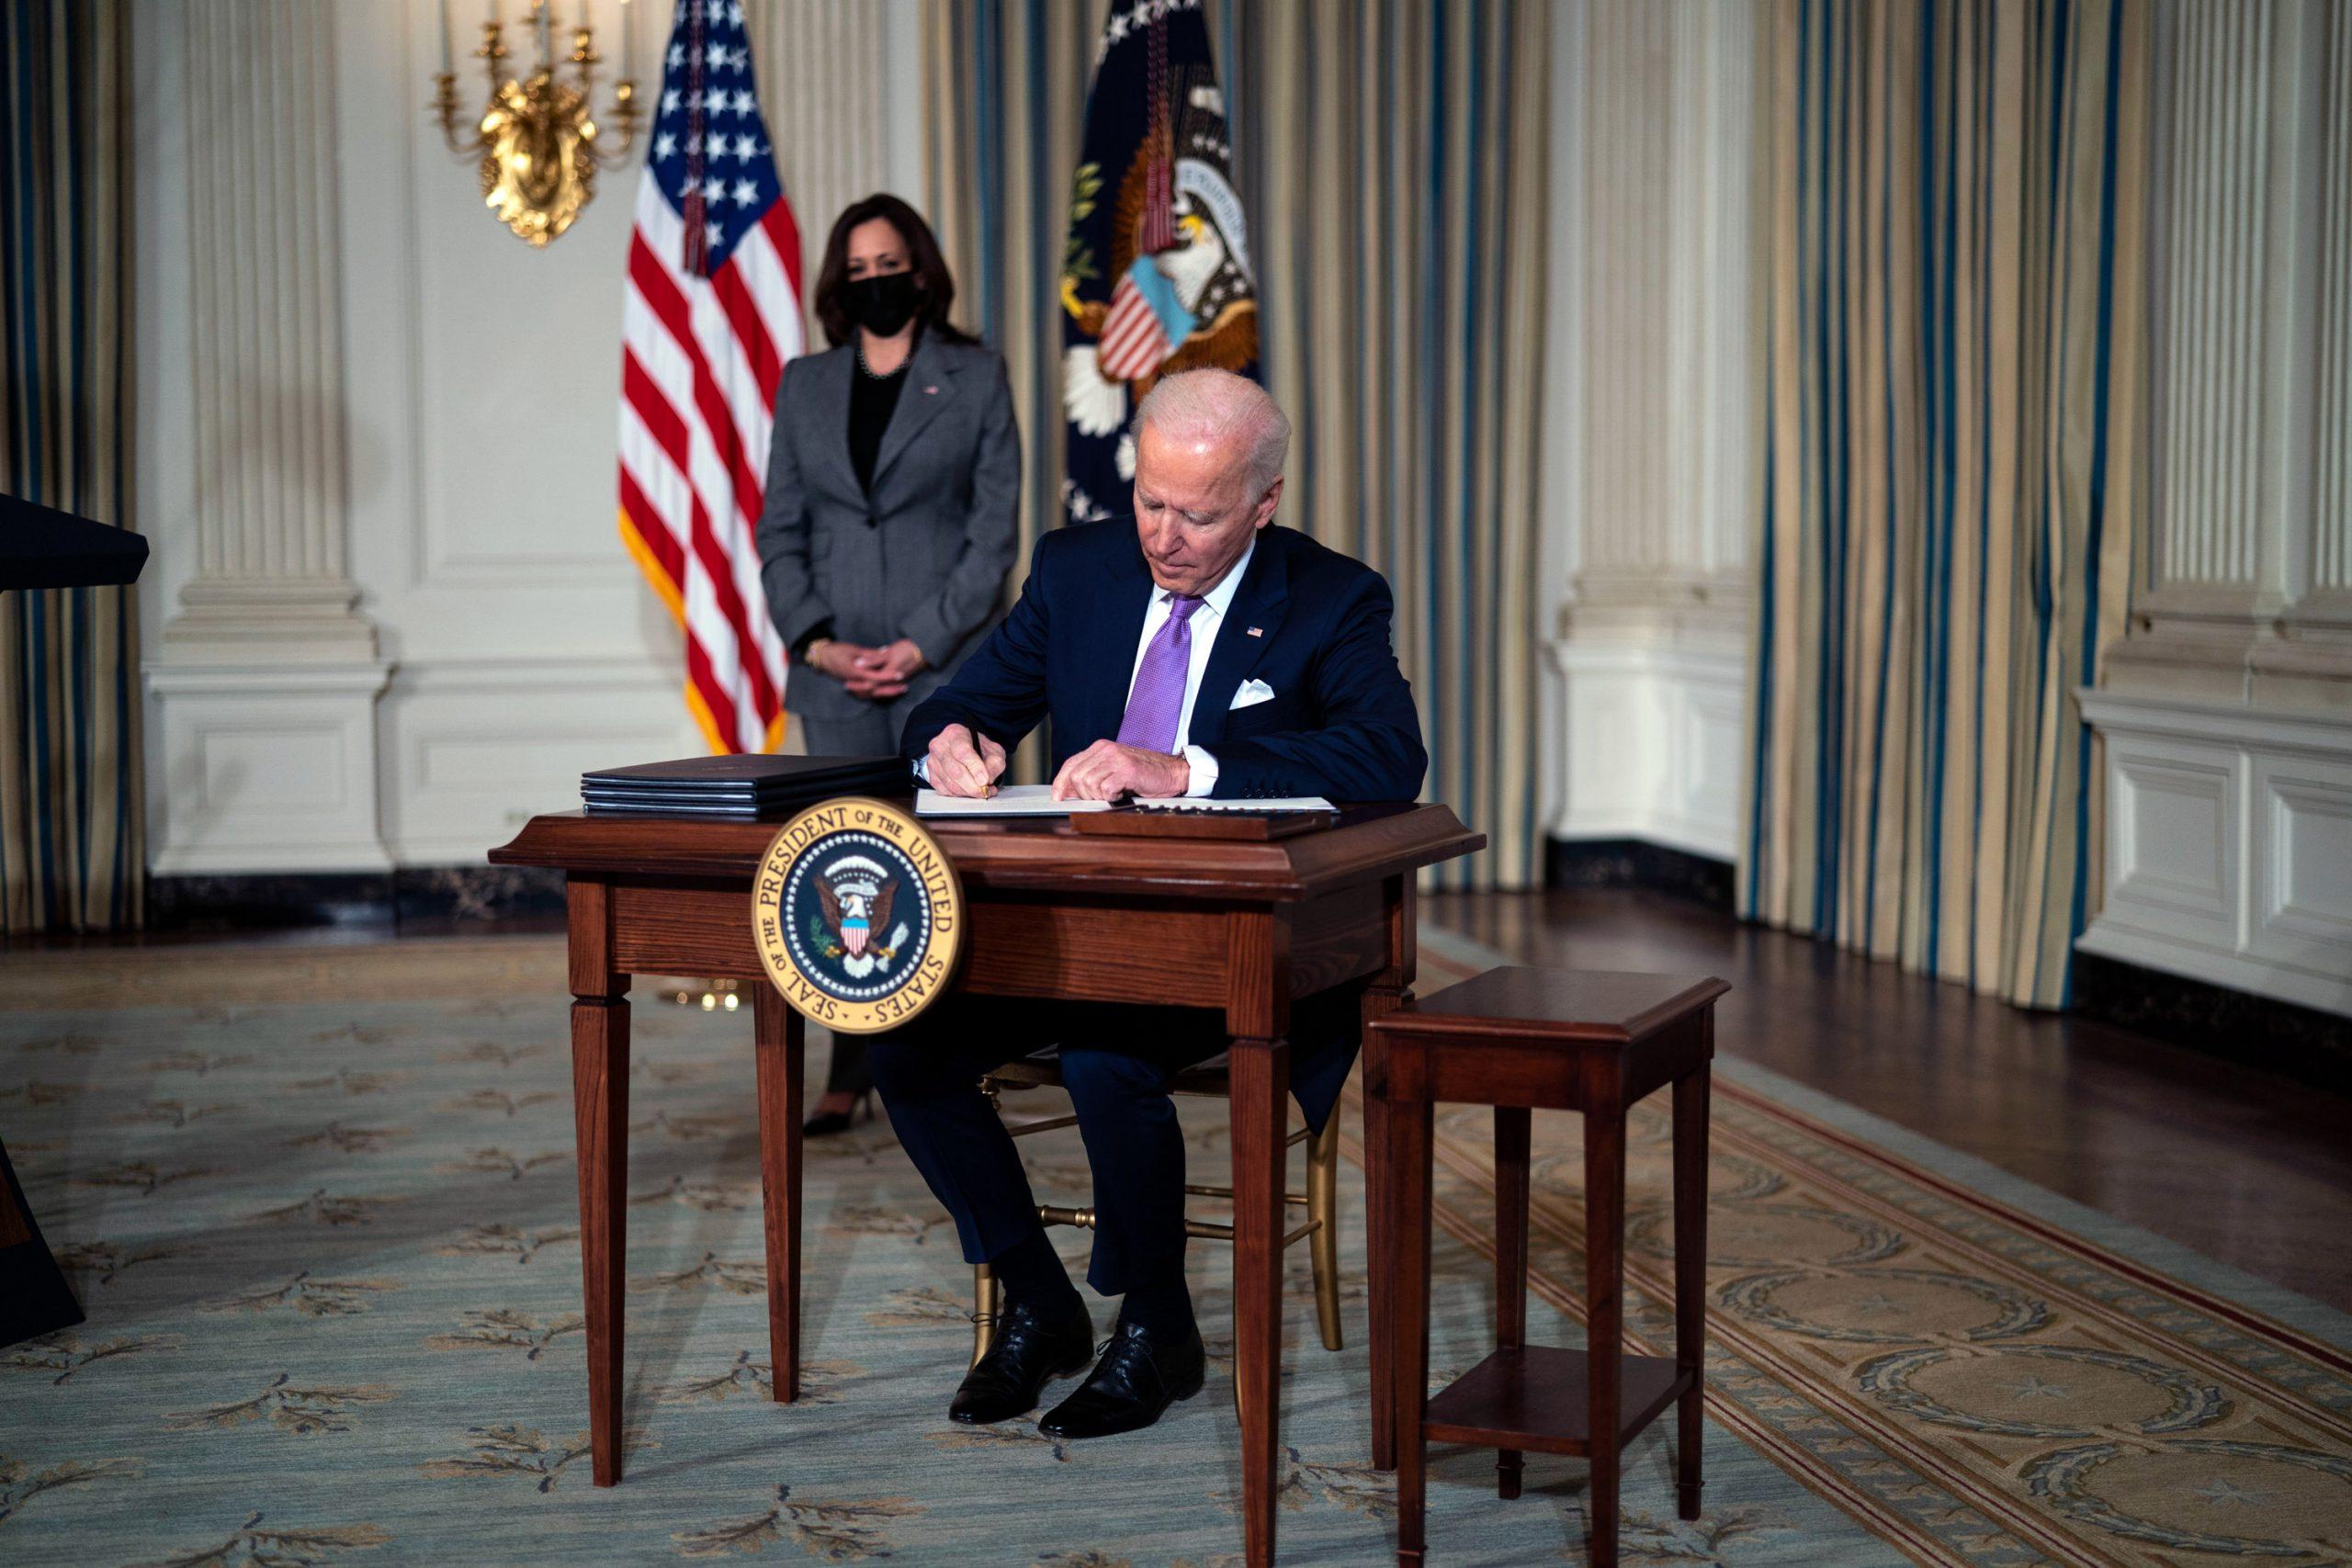 バイデン政権の「爆速」気候変動対策、大統領令をフル活用